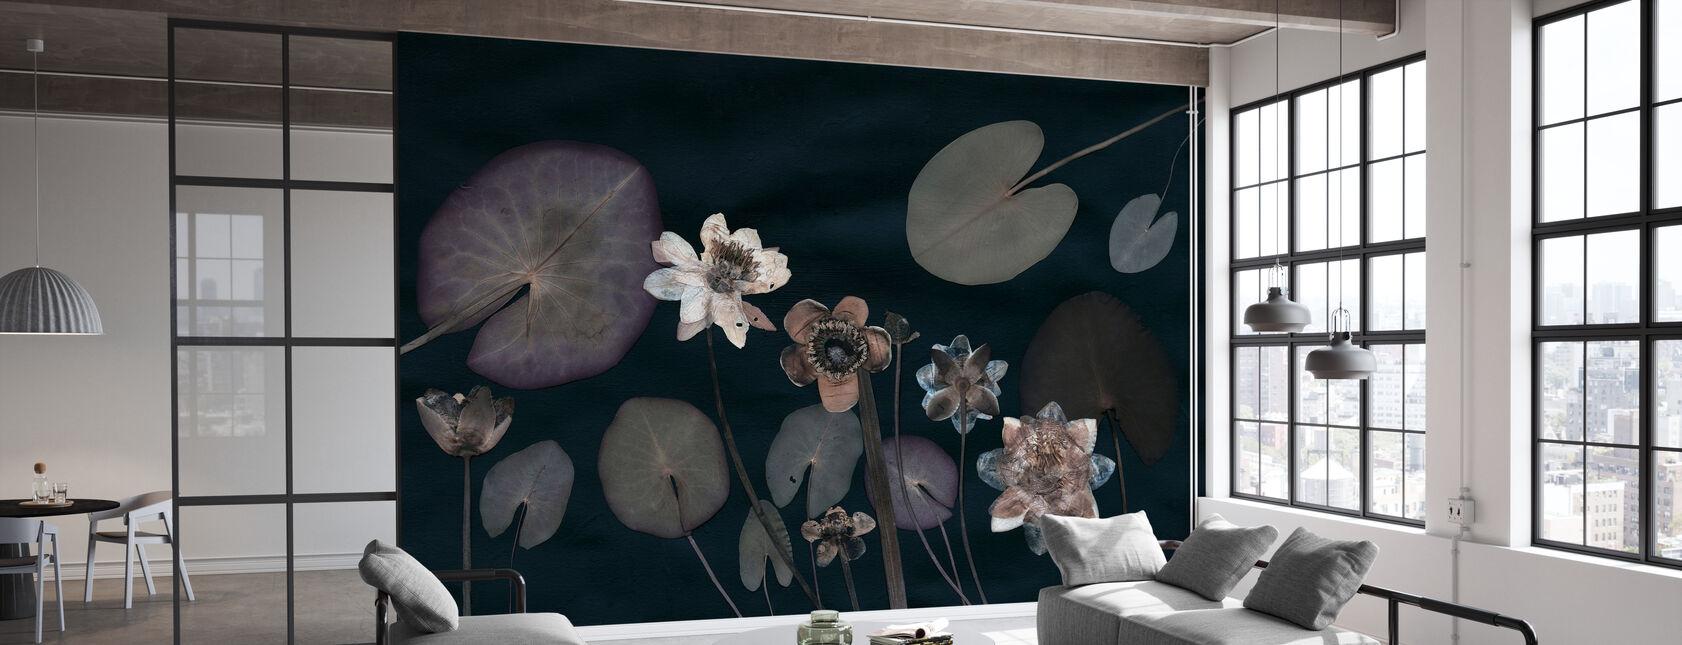 Waterlilies - Wallpaper - Office